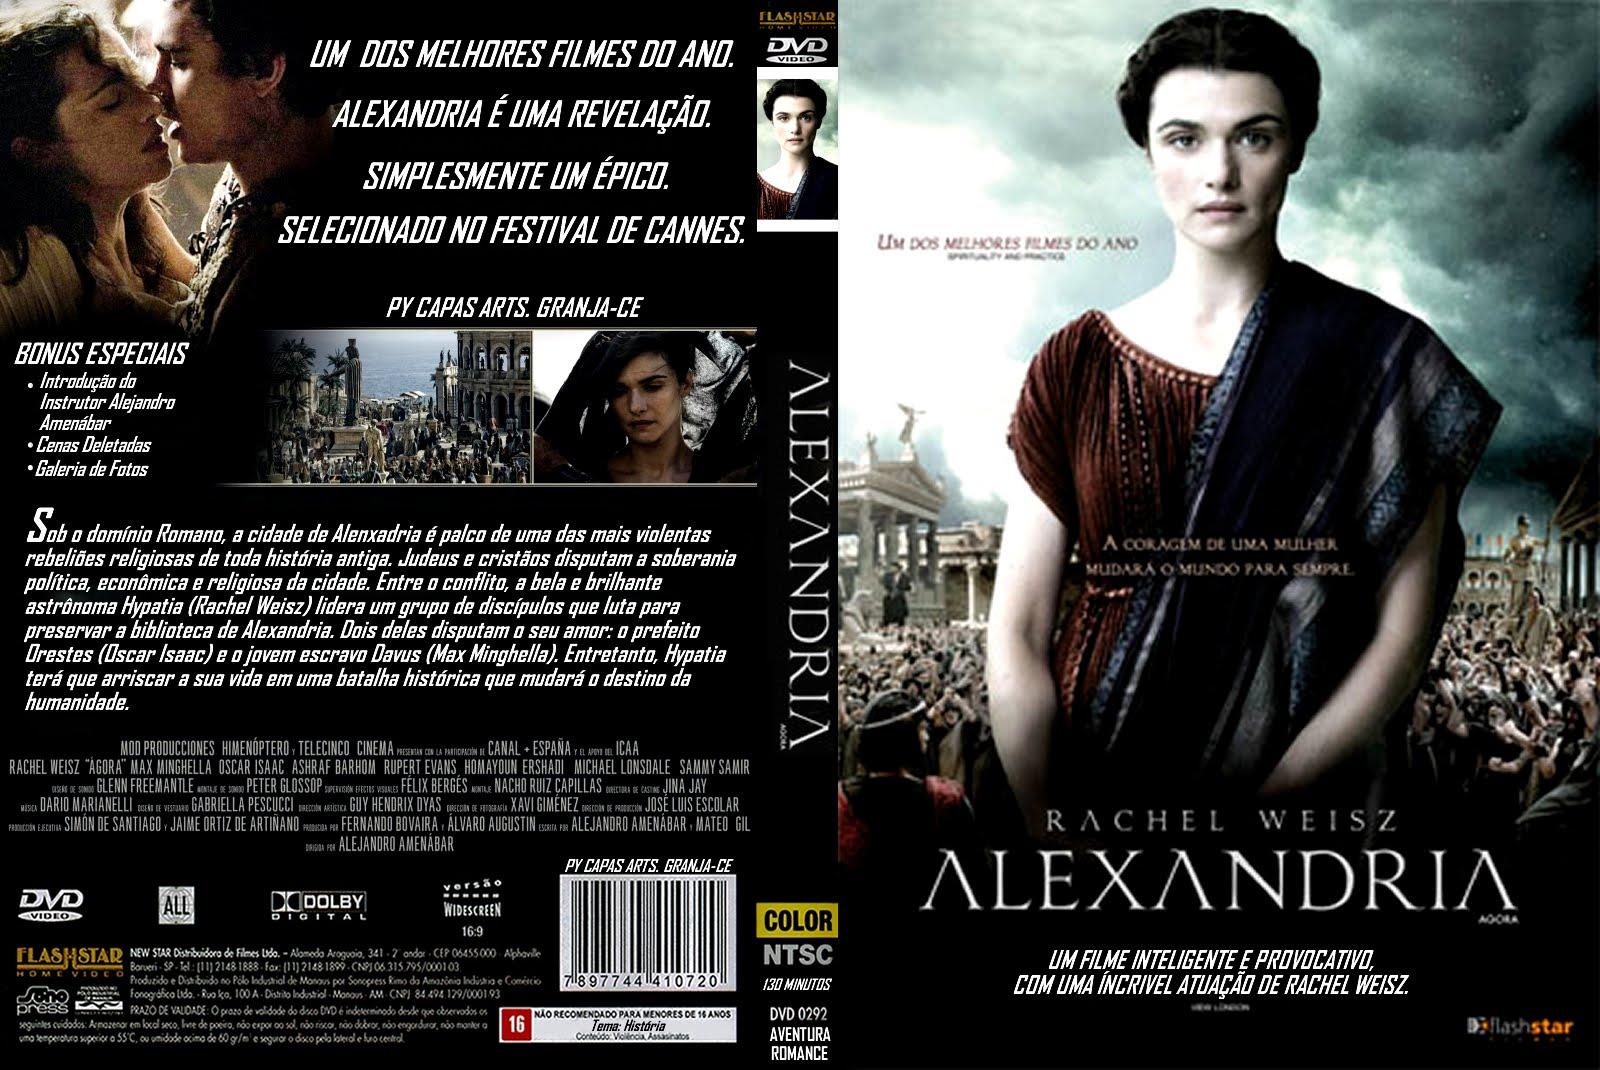 http://4.bp.blogspot.com/-j1SSnYIfedI/TV2yXABcLnI/AAAAAAAAAjA/83MNOfHQnv8/s1600/Alexandria.jpg